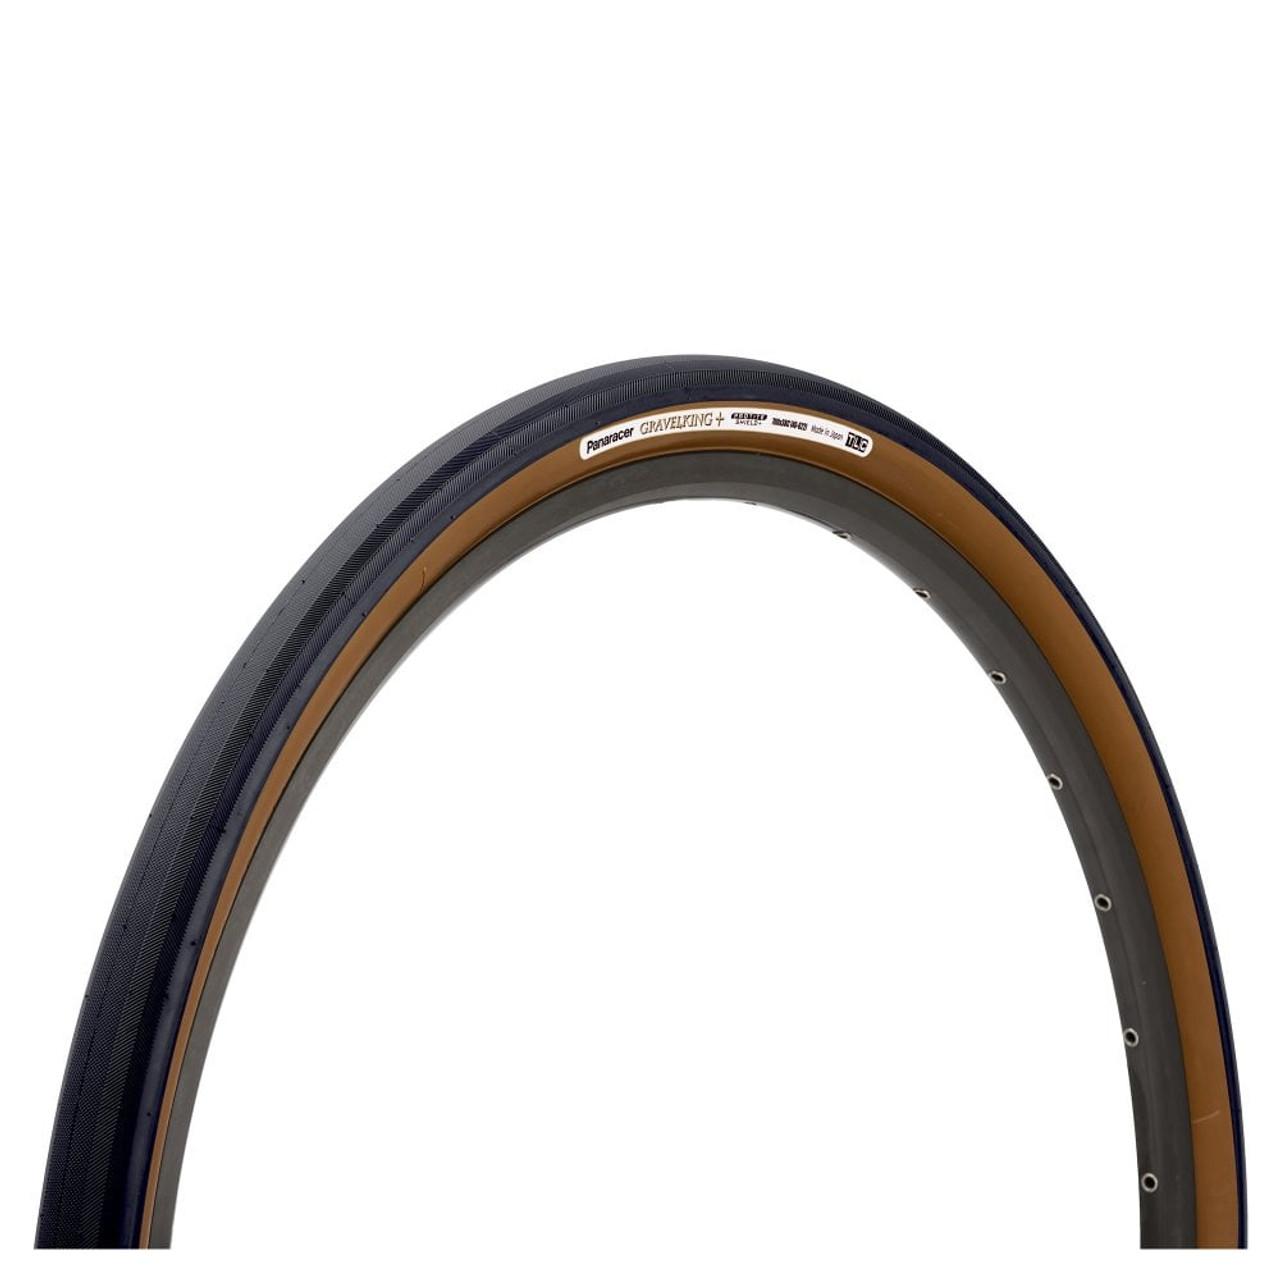 Panaracer Gravelking Slick Tubeless Folding Tyre In Black/Brown All Sizes